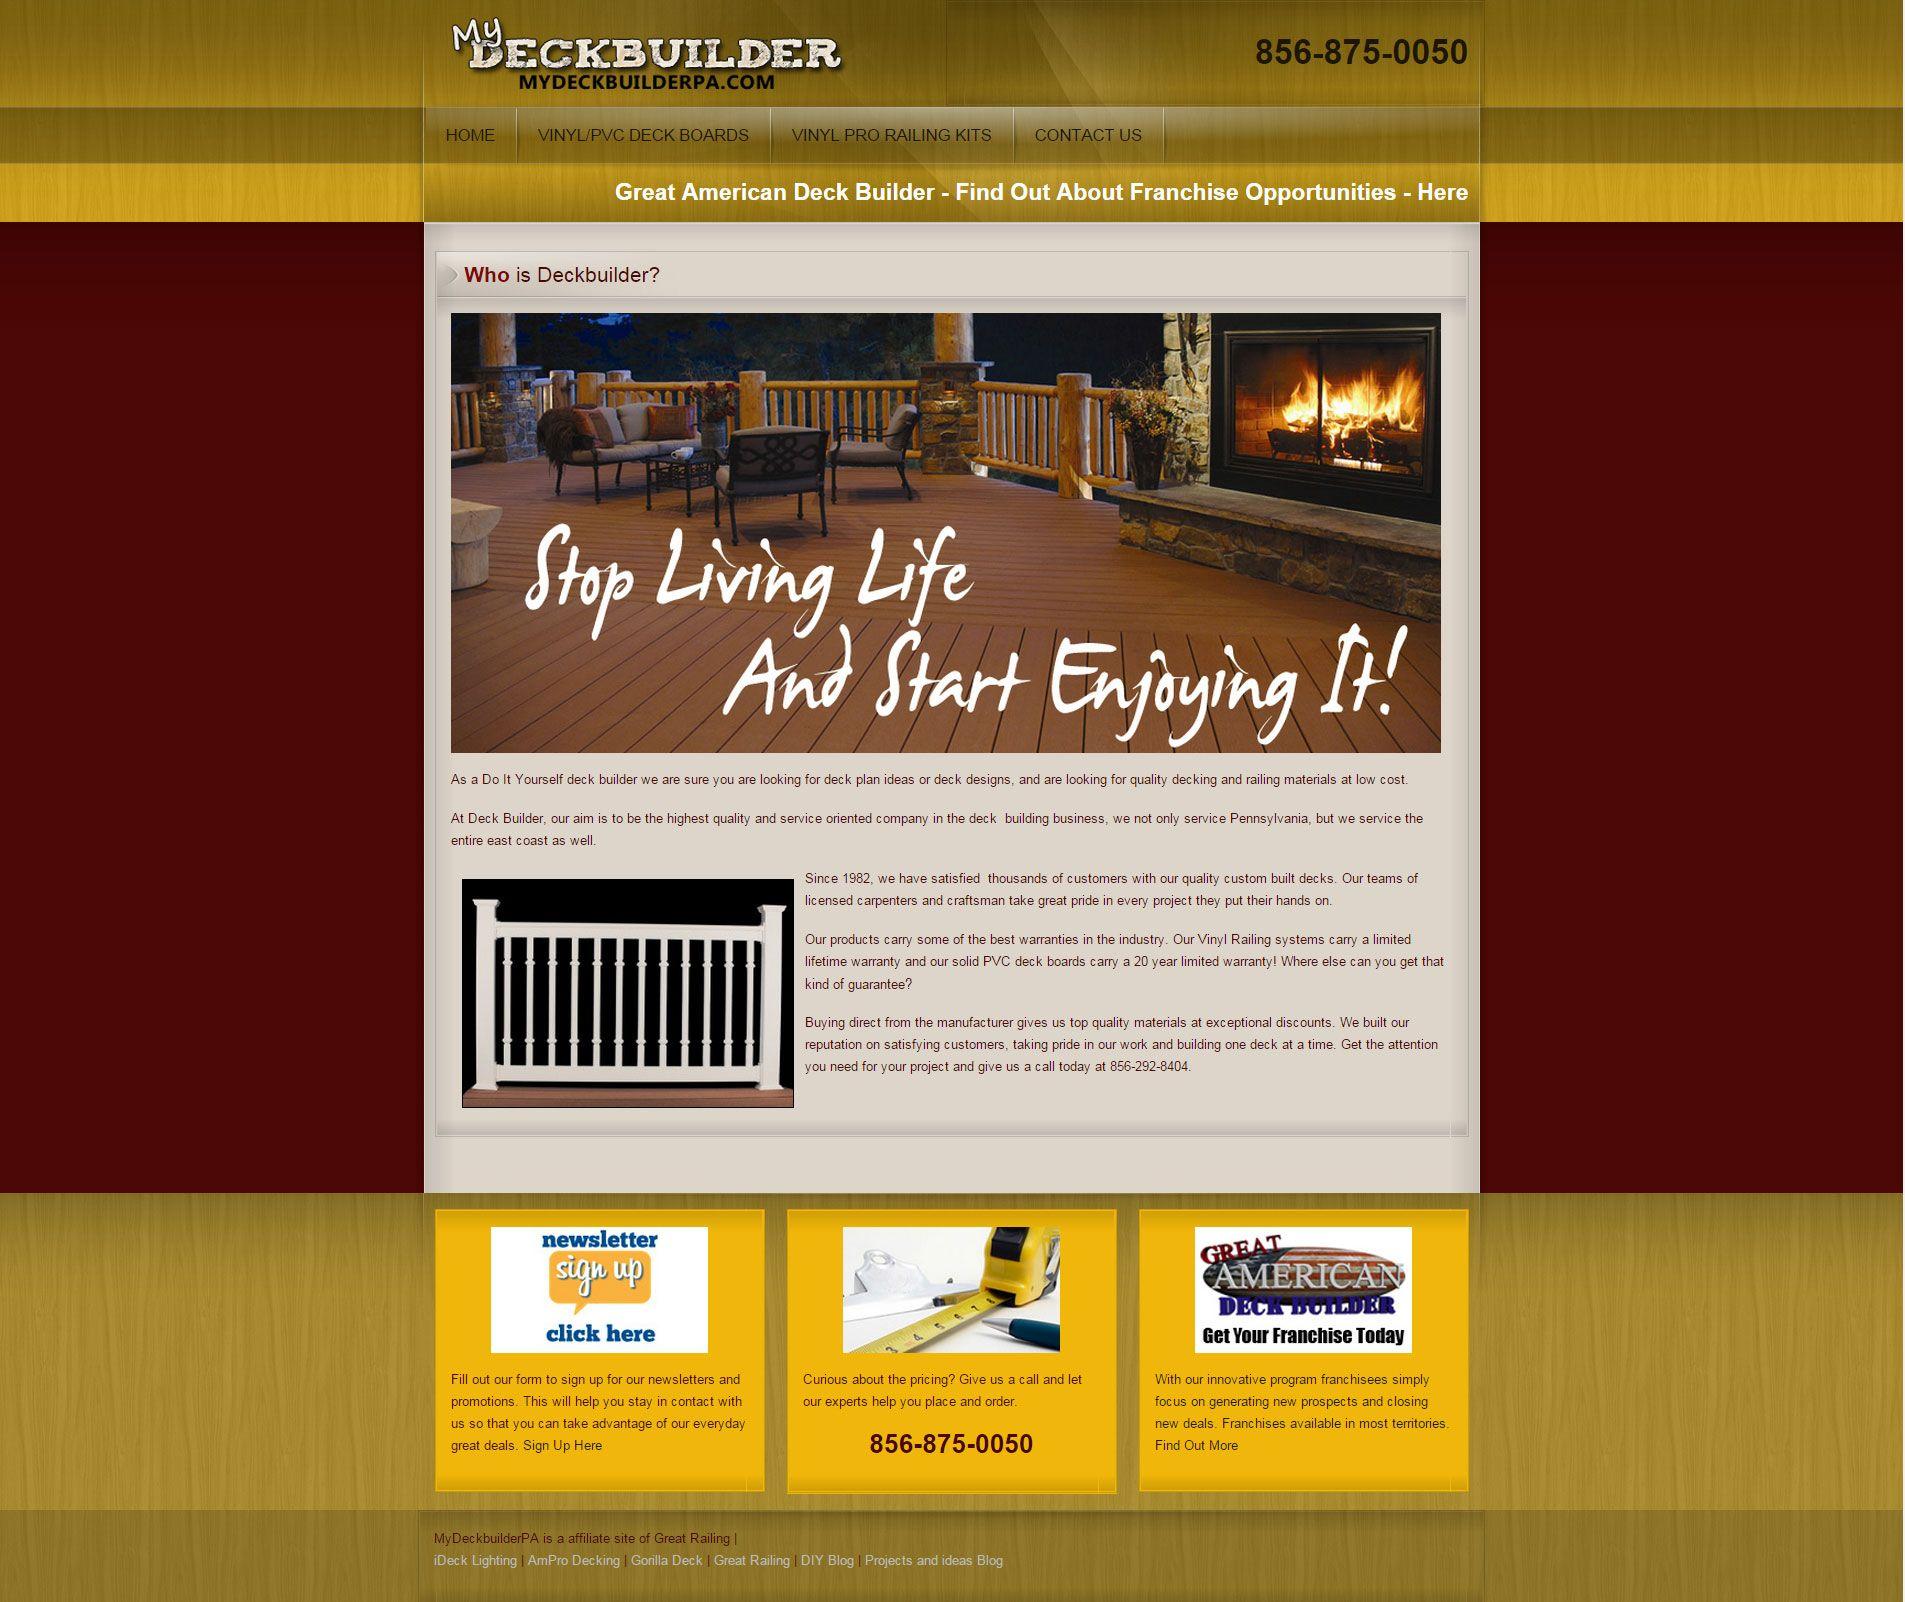 Mydeckbuilder pa web design websites ive done pinterest mydeckbuilder pa web design solutioingenieria Image collections